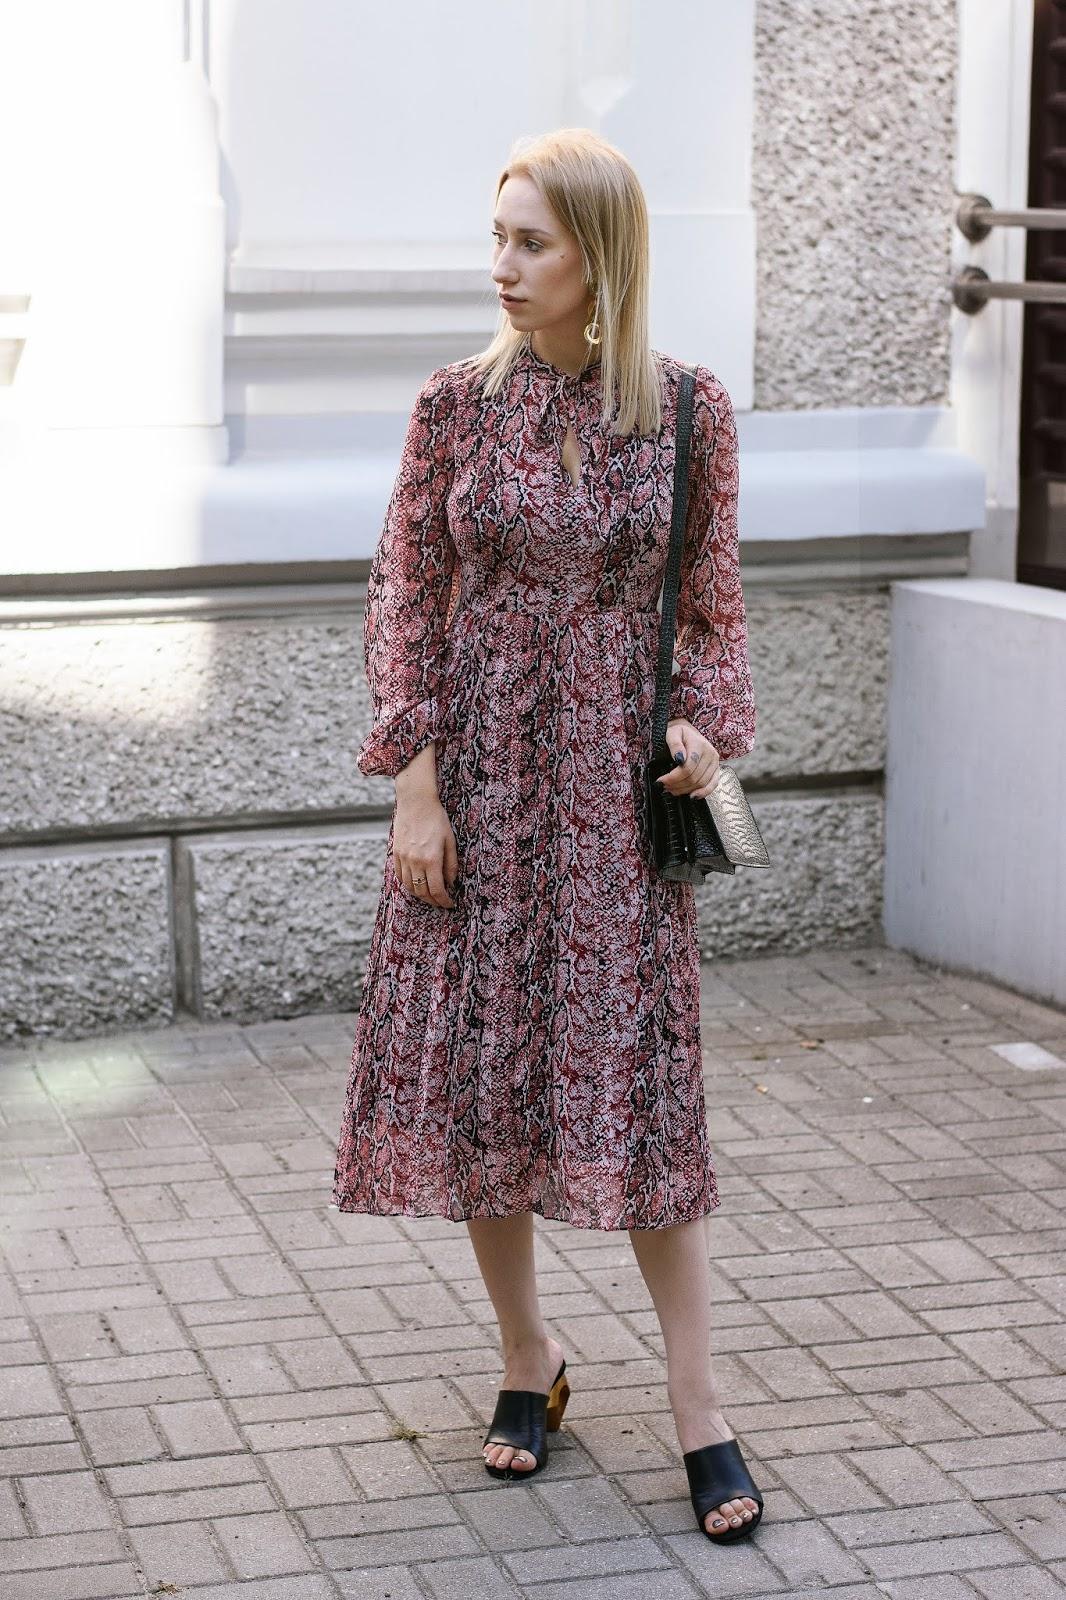 d3b69d2030 Ogromny wybór eleganckich sukienek znajdziecie tutaj – KLIK.